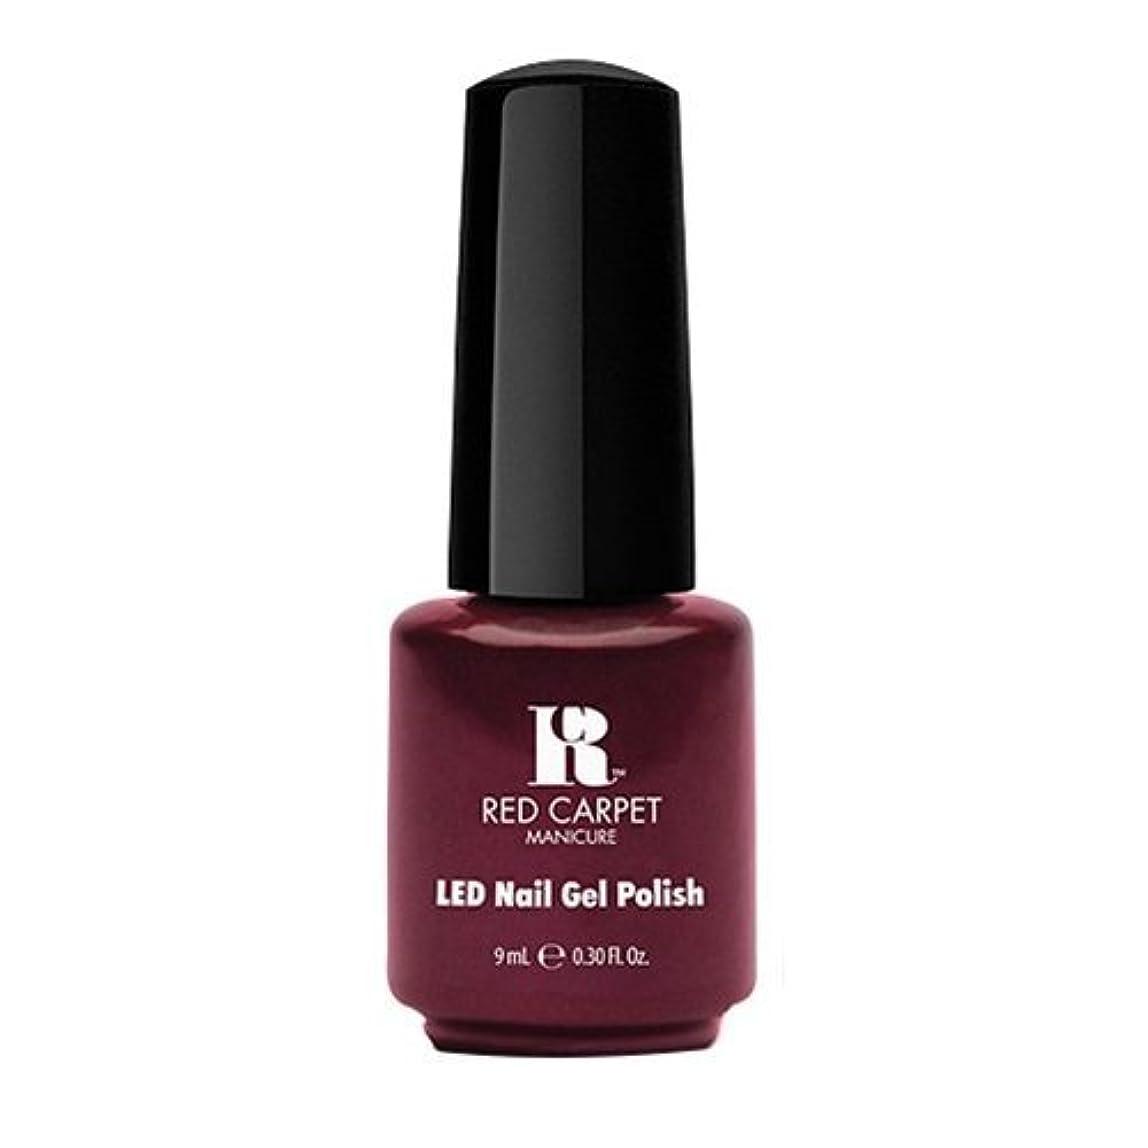 夜明けにカール刈るRed Carpet Manicure - LED Nail Gel Polish - Glamspiration - 0.3oz / 9ml